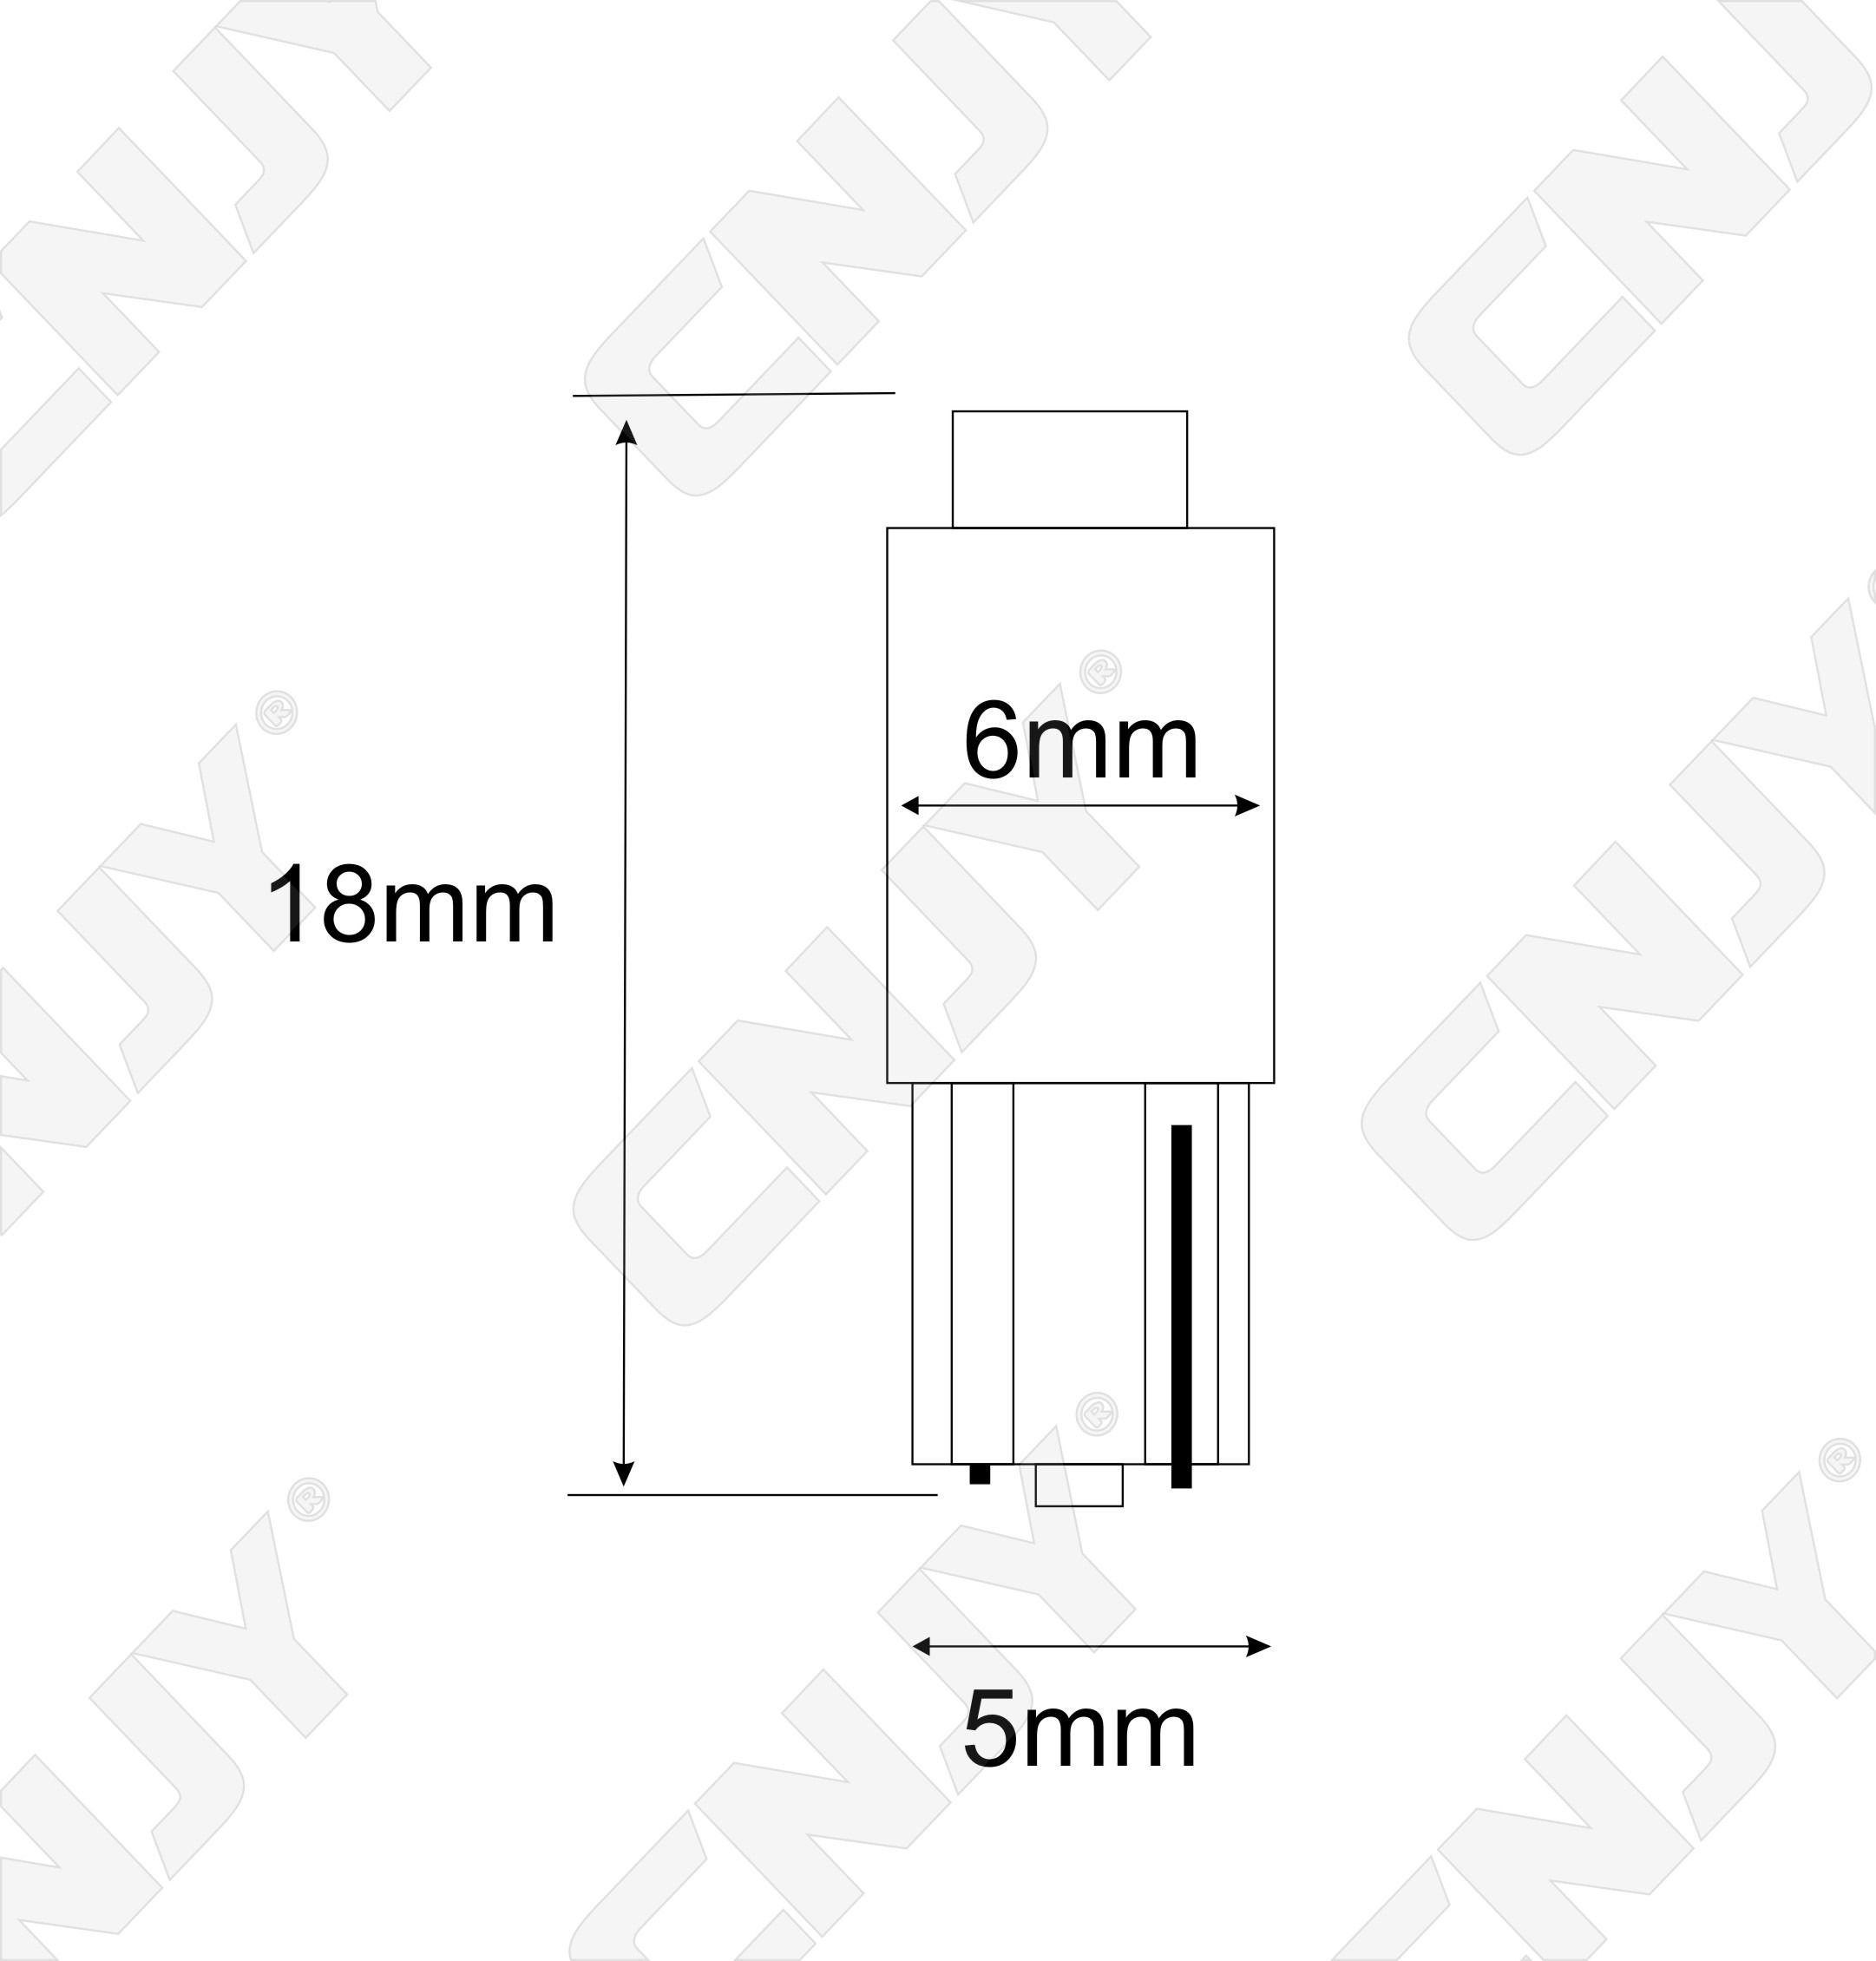 Ampoule Led Compteur Smd Cree Tableau De Bord Blanc Rouge T5 Neo B8 5d 1 2w Wedge B8 3d B8 4d